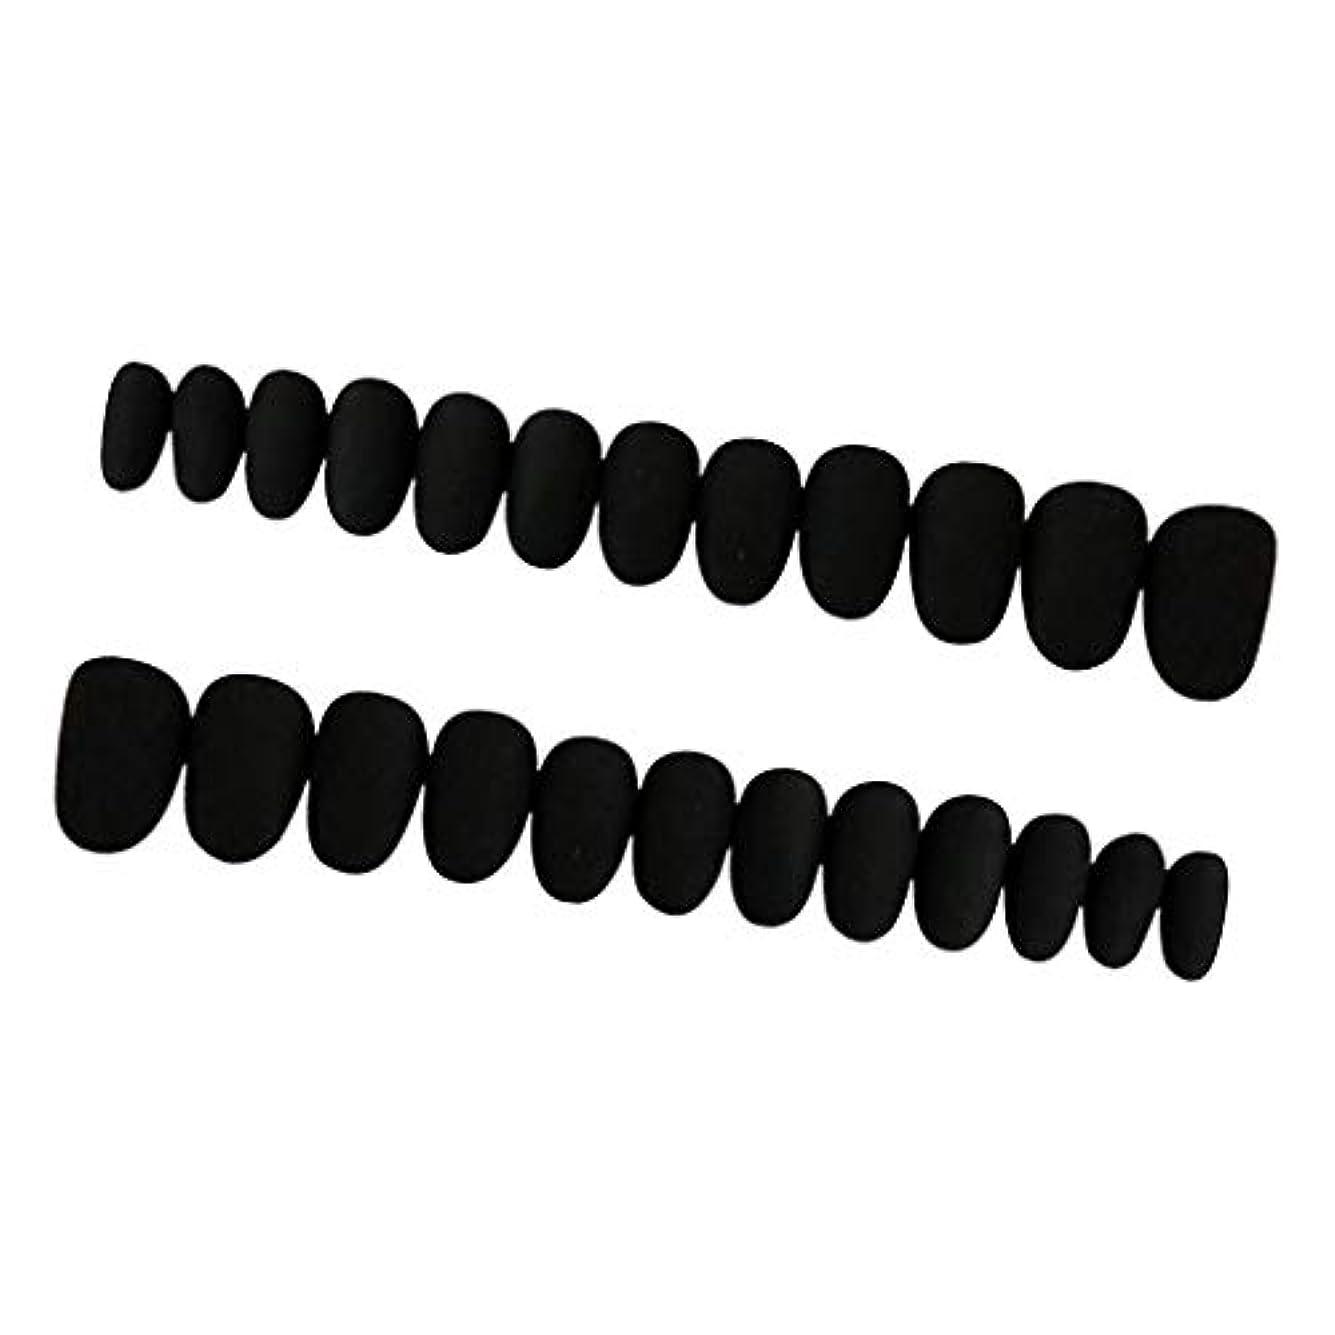 反射明らかに通貨約24枚 ネイルシール ネイルアート ネイルラップ ネイルステッカー 貼るだけ ネイル装飾 全3色 - ブラック